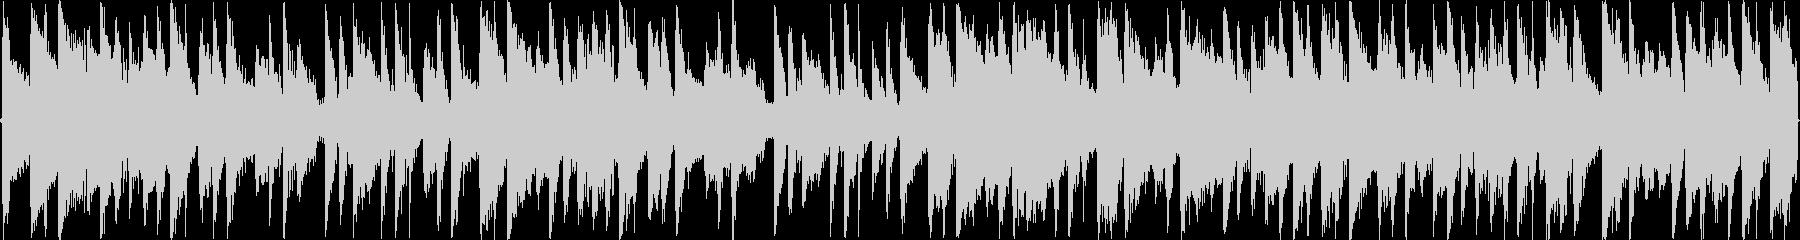 アクションパズル的な明るい1(ループ可)の未再生の波形